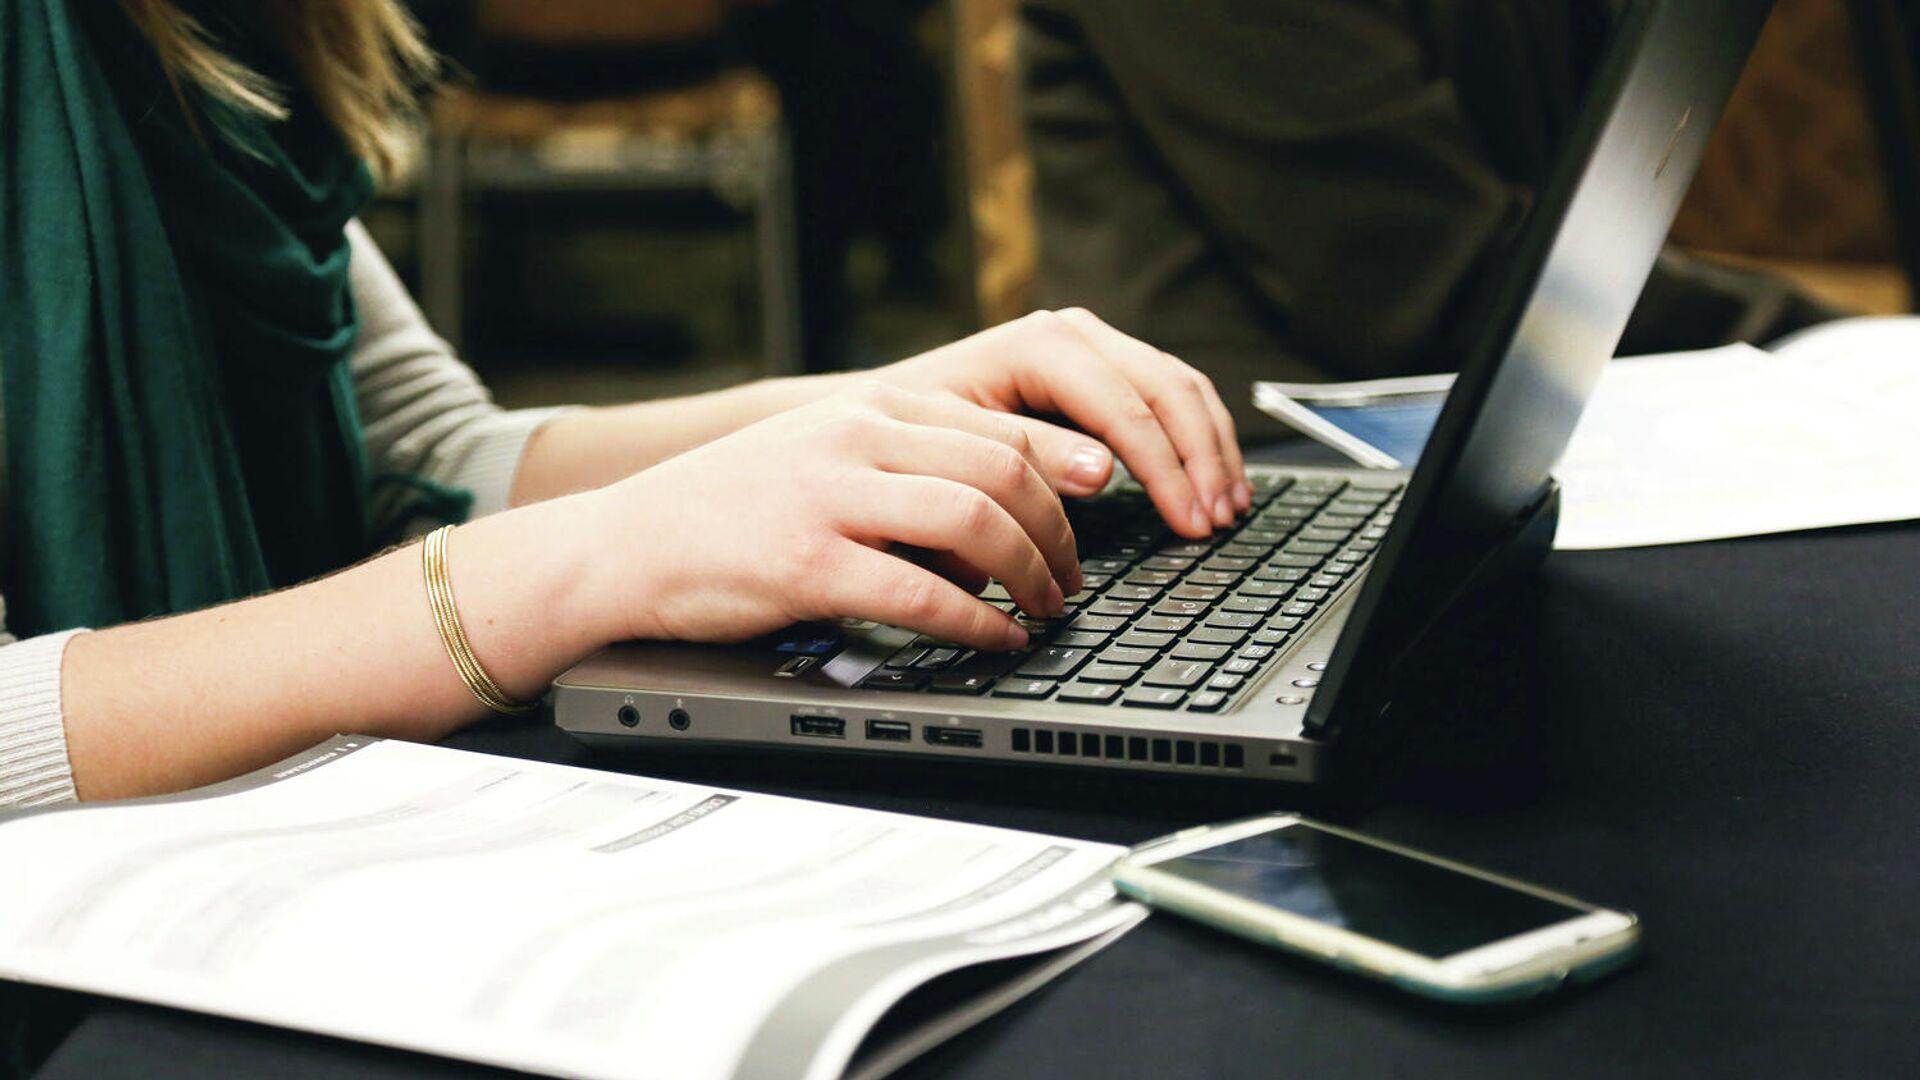 Девушка работает на компьютере - РИА Новости, 1920, 16.03.2021